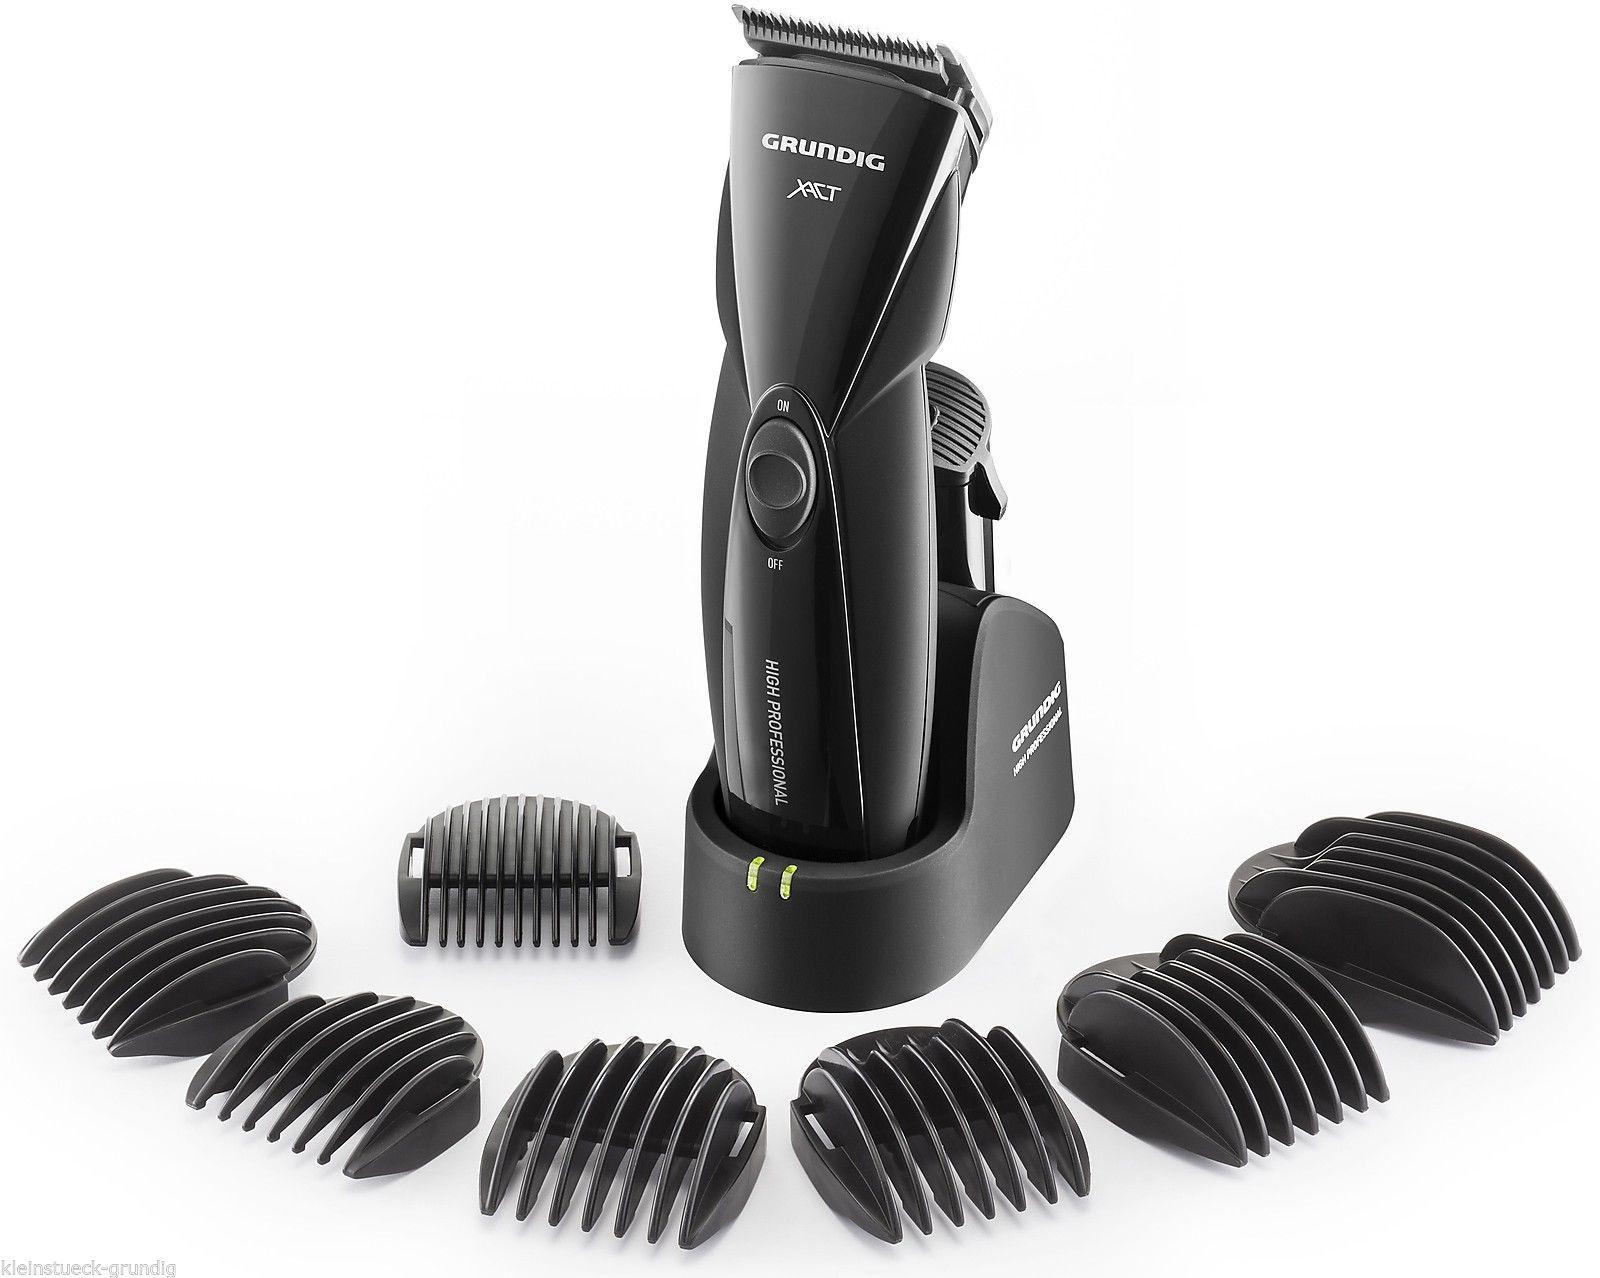 [www.AMAZOn.de]  Grundig MC 8340 High Professional Akku-Haarschneider, schwarz für € 25,-- / Vergleichspreise über € 65,--